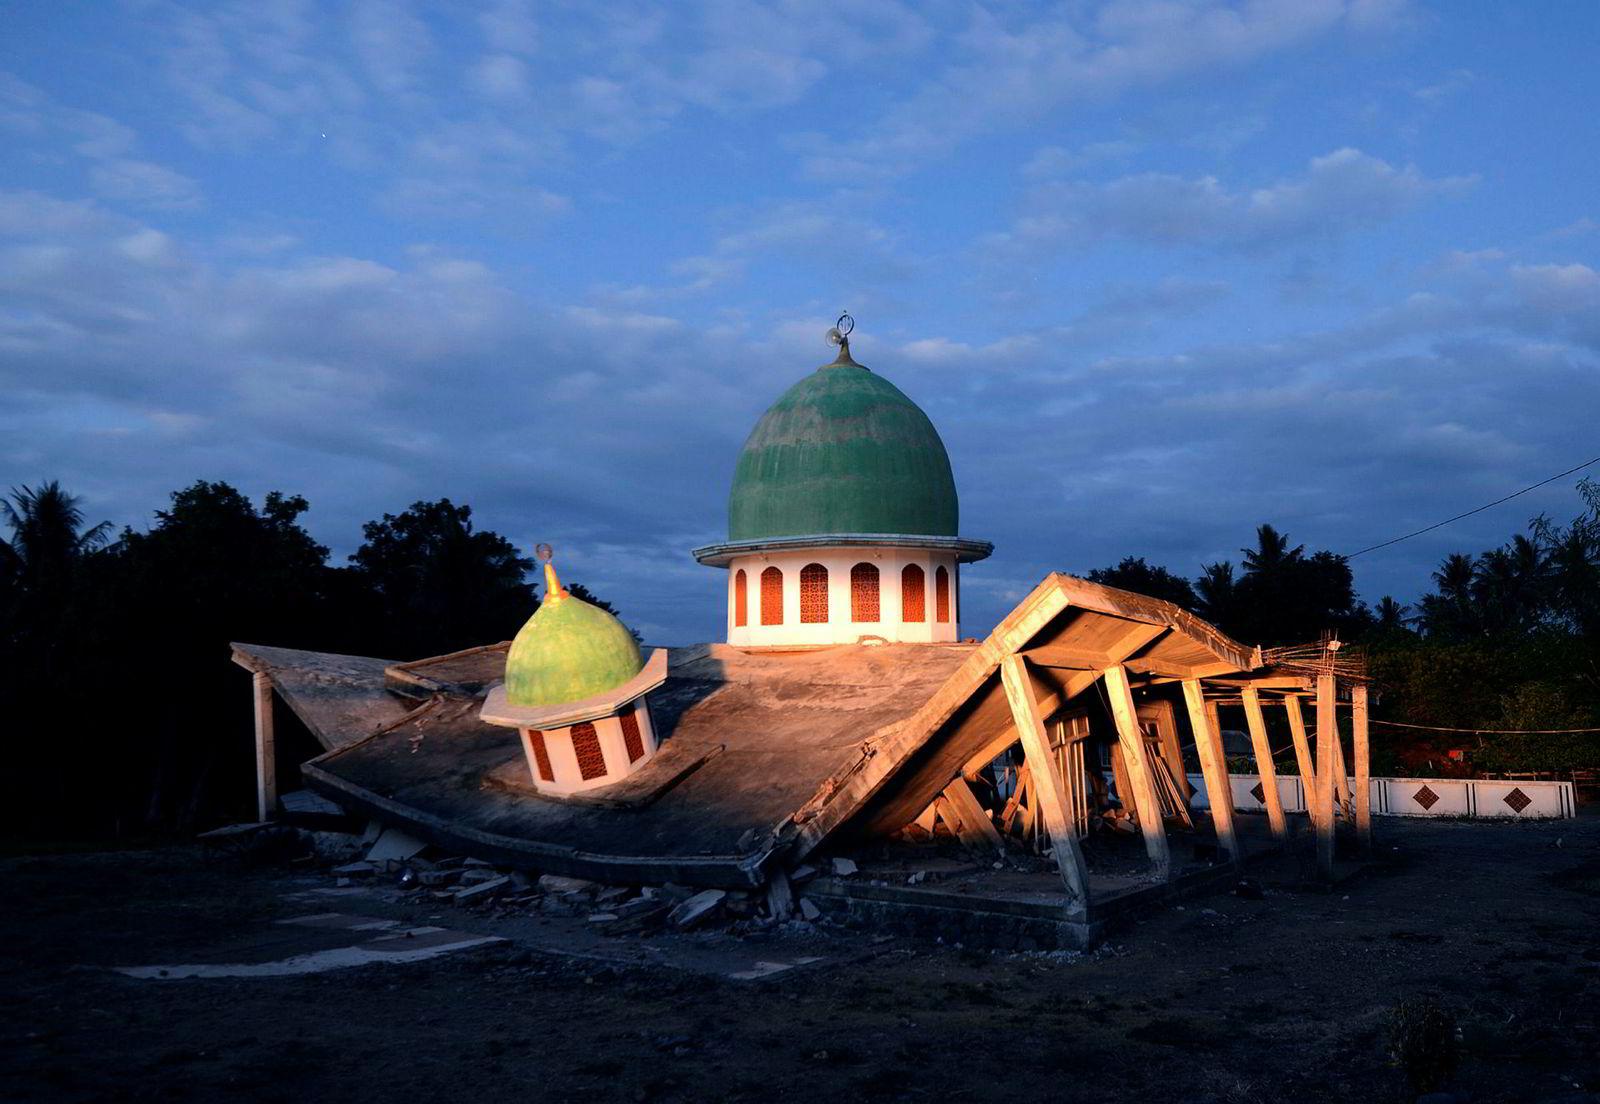 En kollapset moské i solnedgangen tre dager etter et jordskjelv rammet Lombok. Mange tusen mennesker er hjemløse som følge av katastrofen, og har hverken mat, medisin eller rent vann.